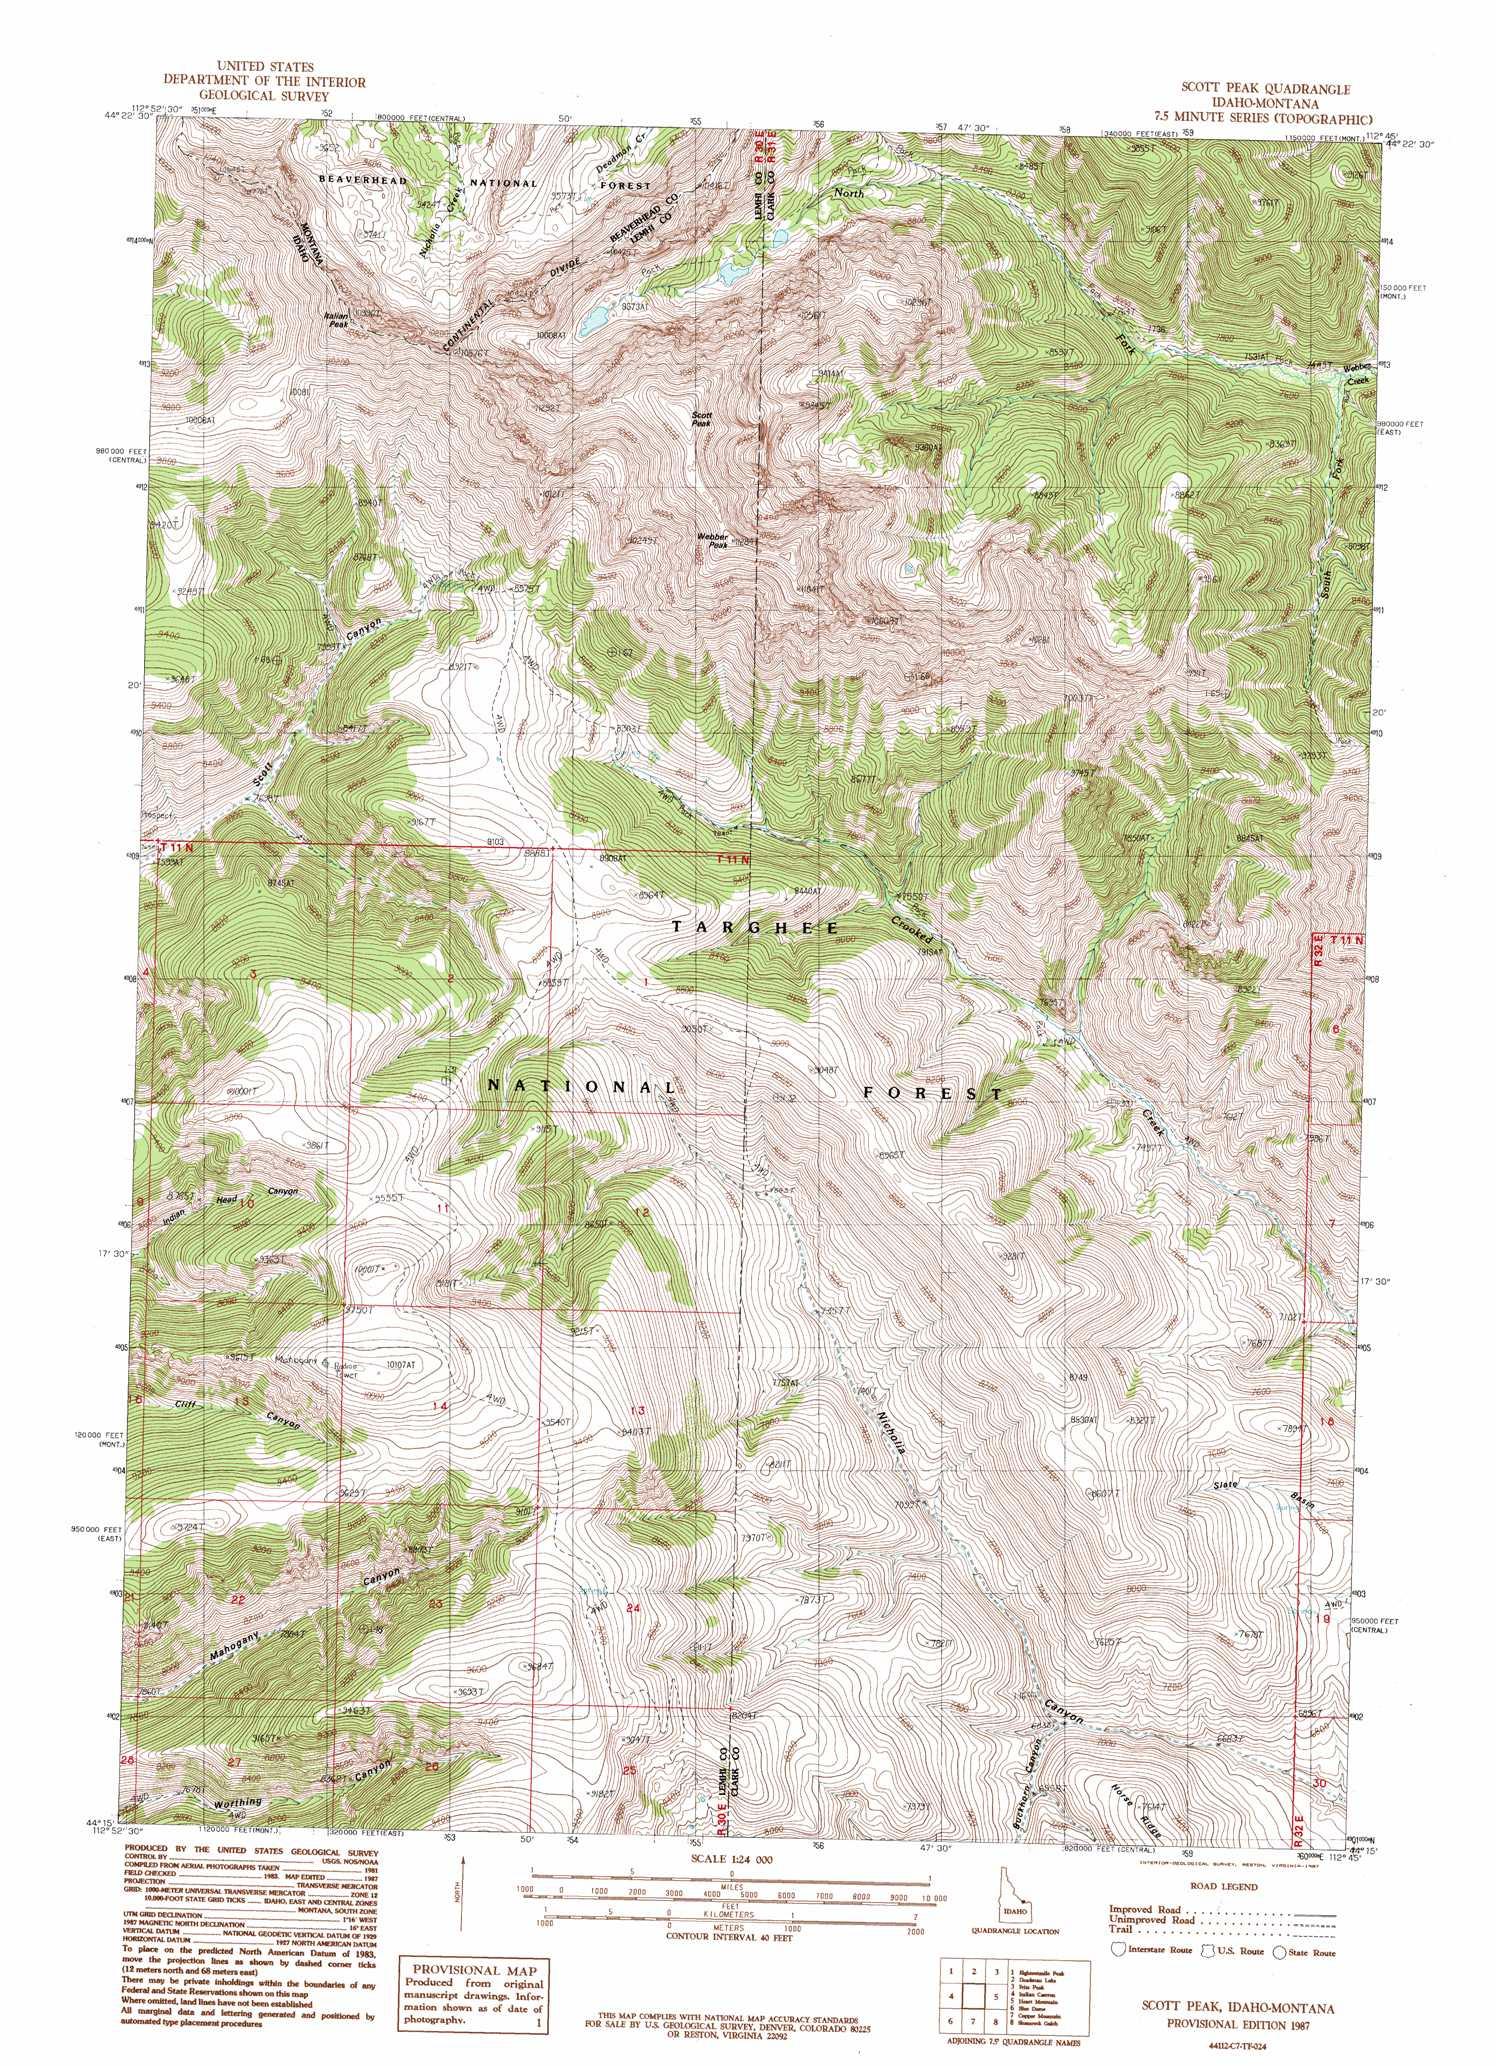 4bd4fb009ccf Scott Peak topographic map, ID, MT - USGS Topo Quad 44112c7